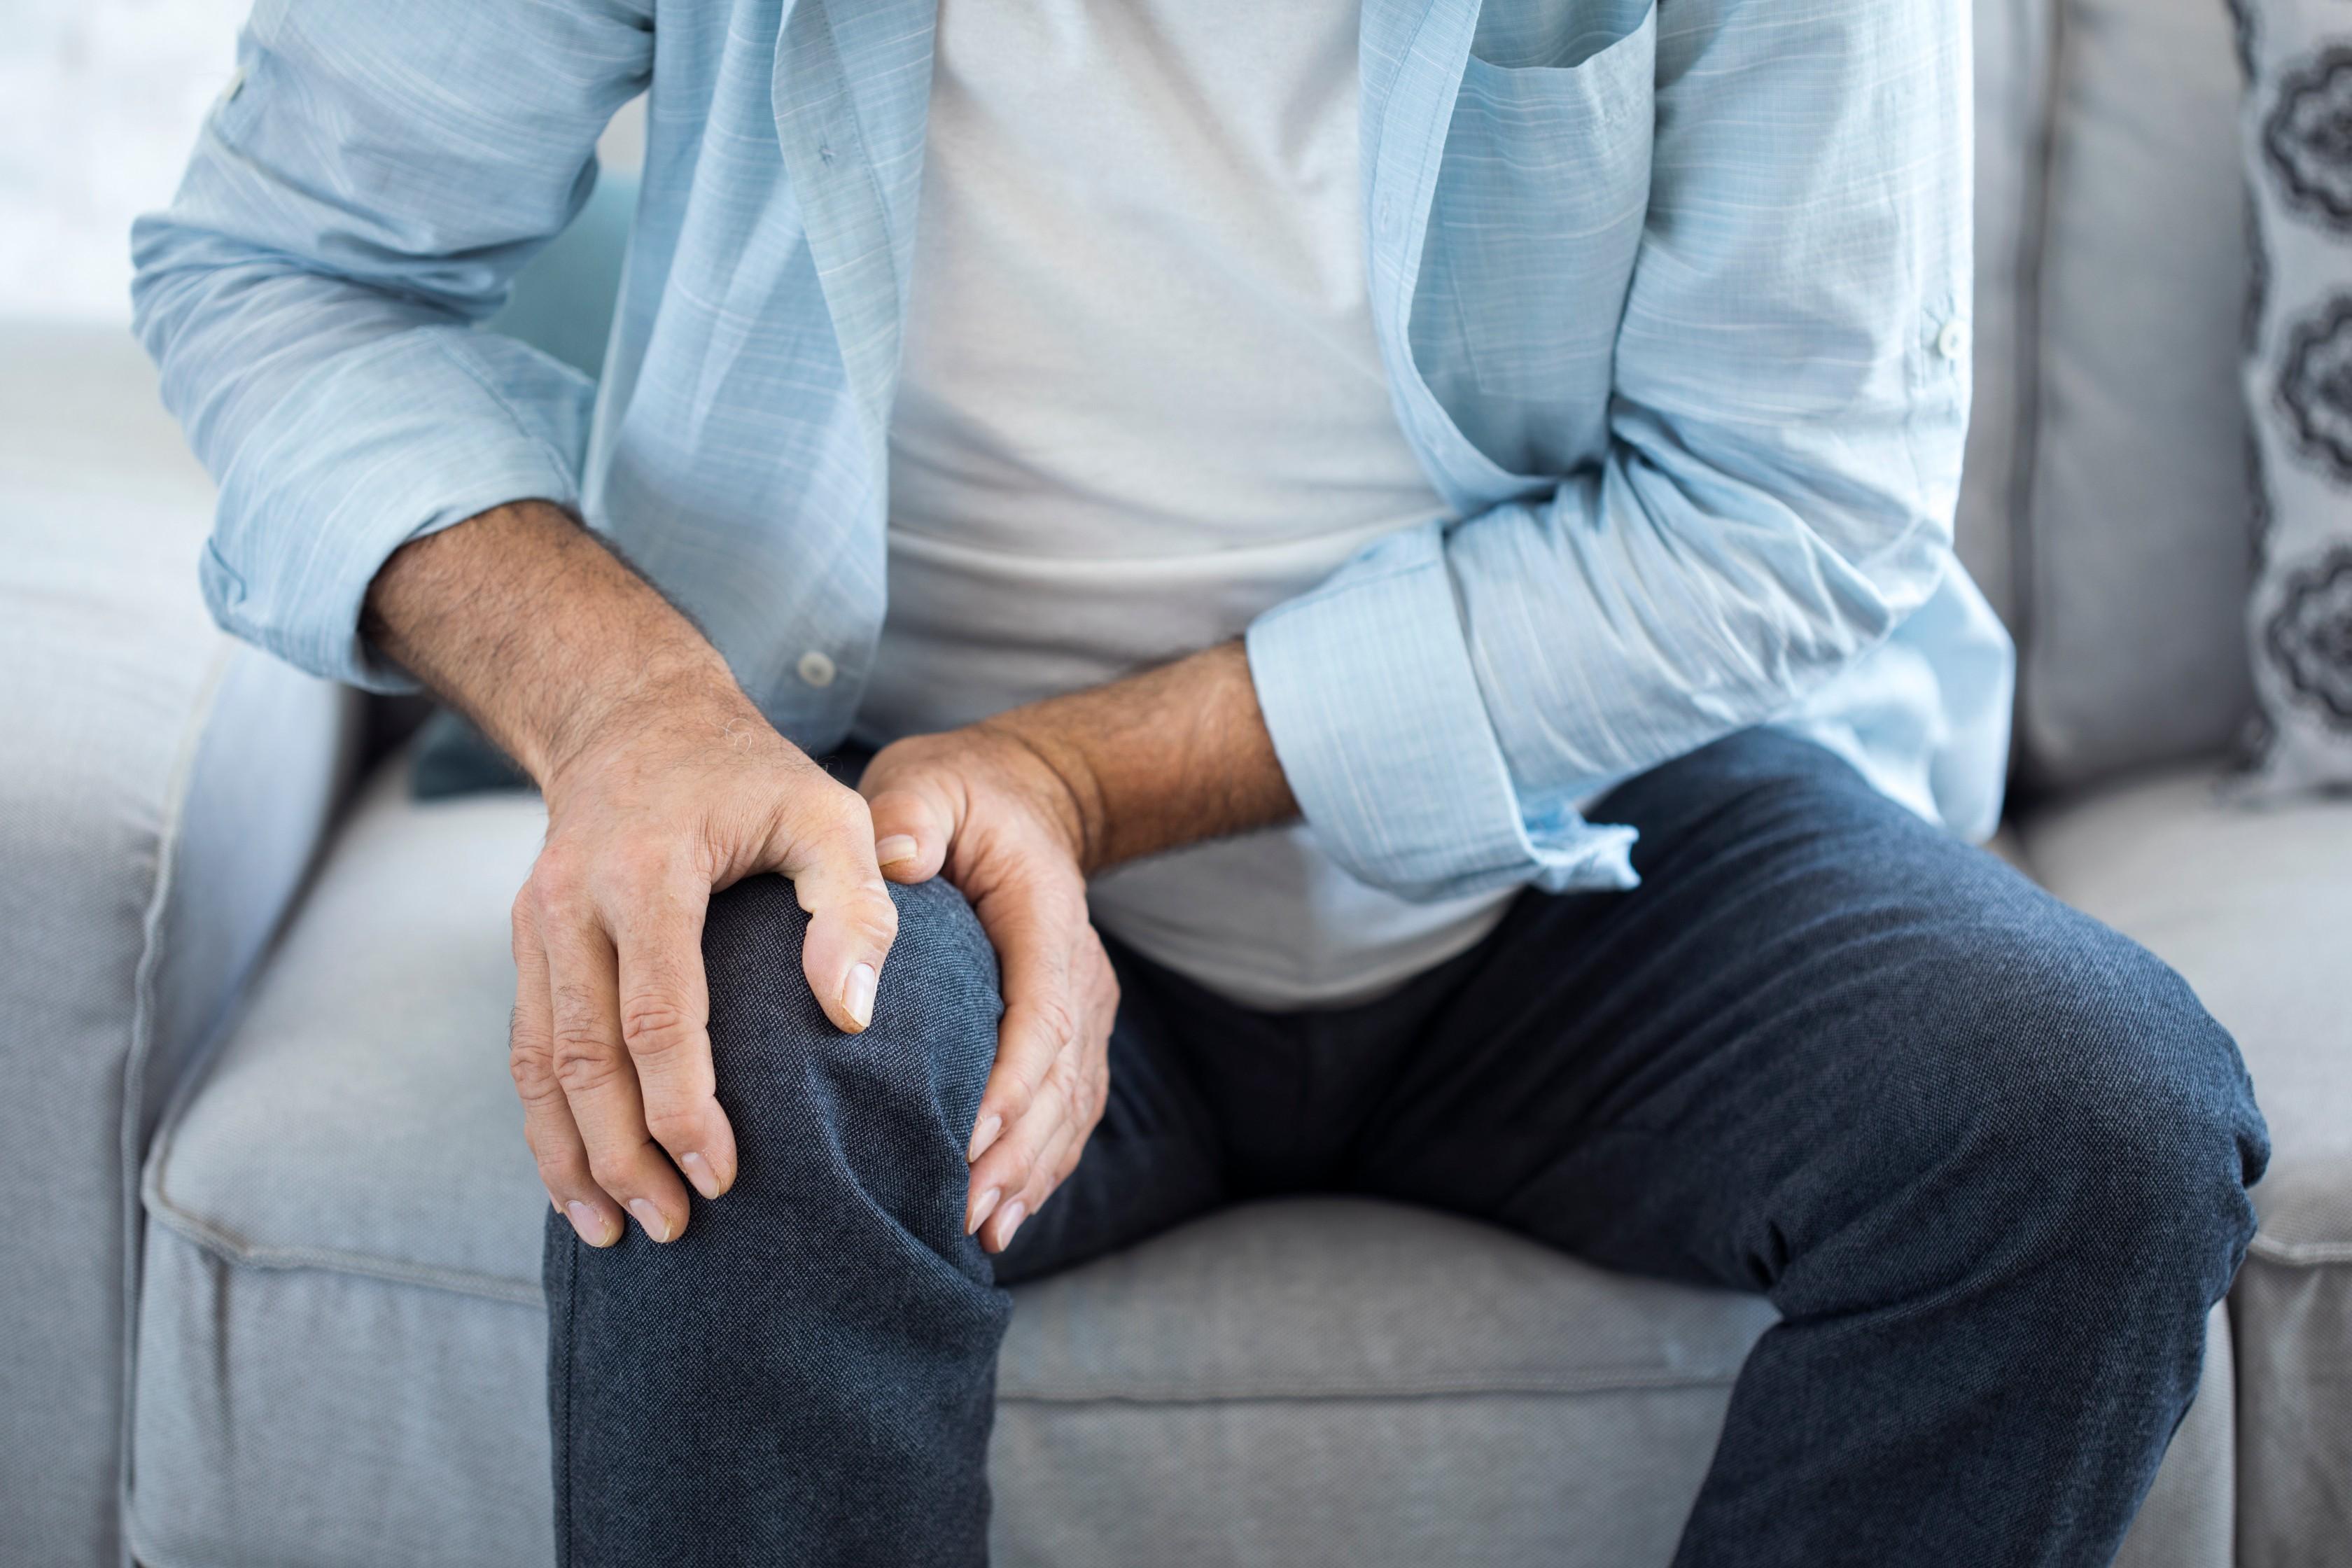 térdízületi csapkodás tünetei az alsó végtagok artrózisa kenőcs és tabletta kezelés